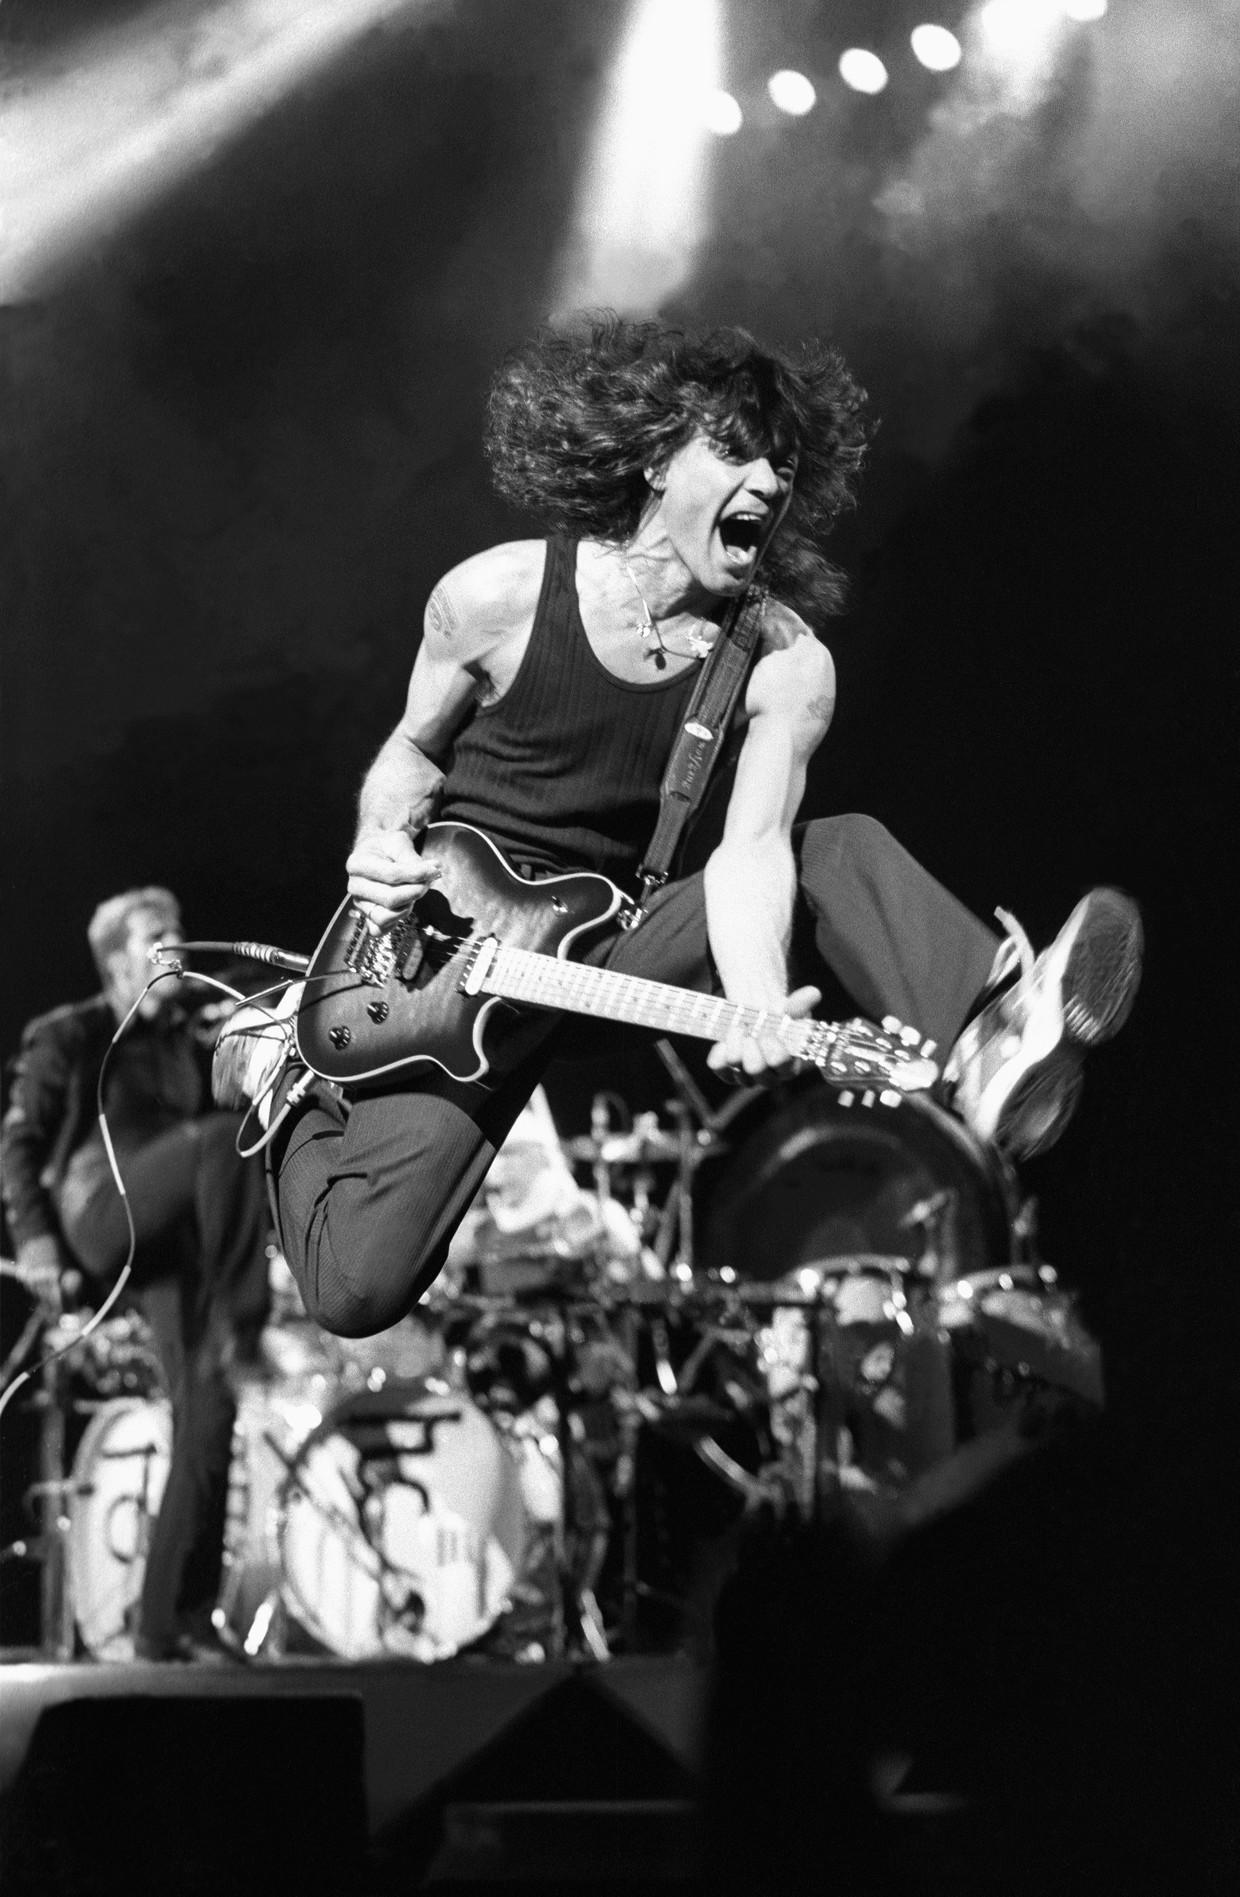 Gitarist Eddie van Halen tijdens een concert op 21 mei 1998.